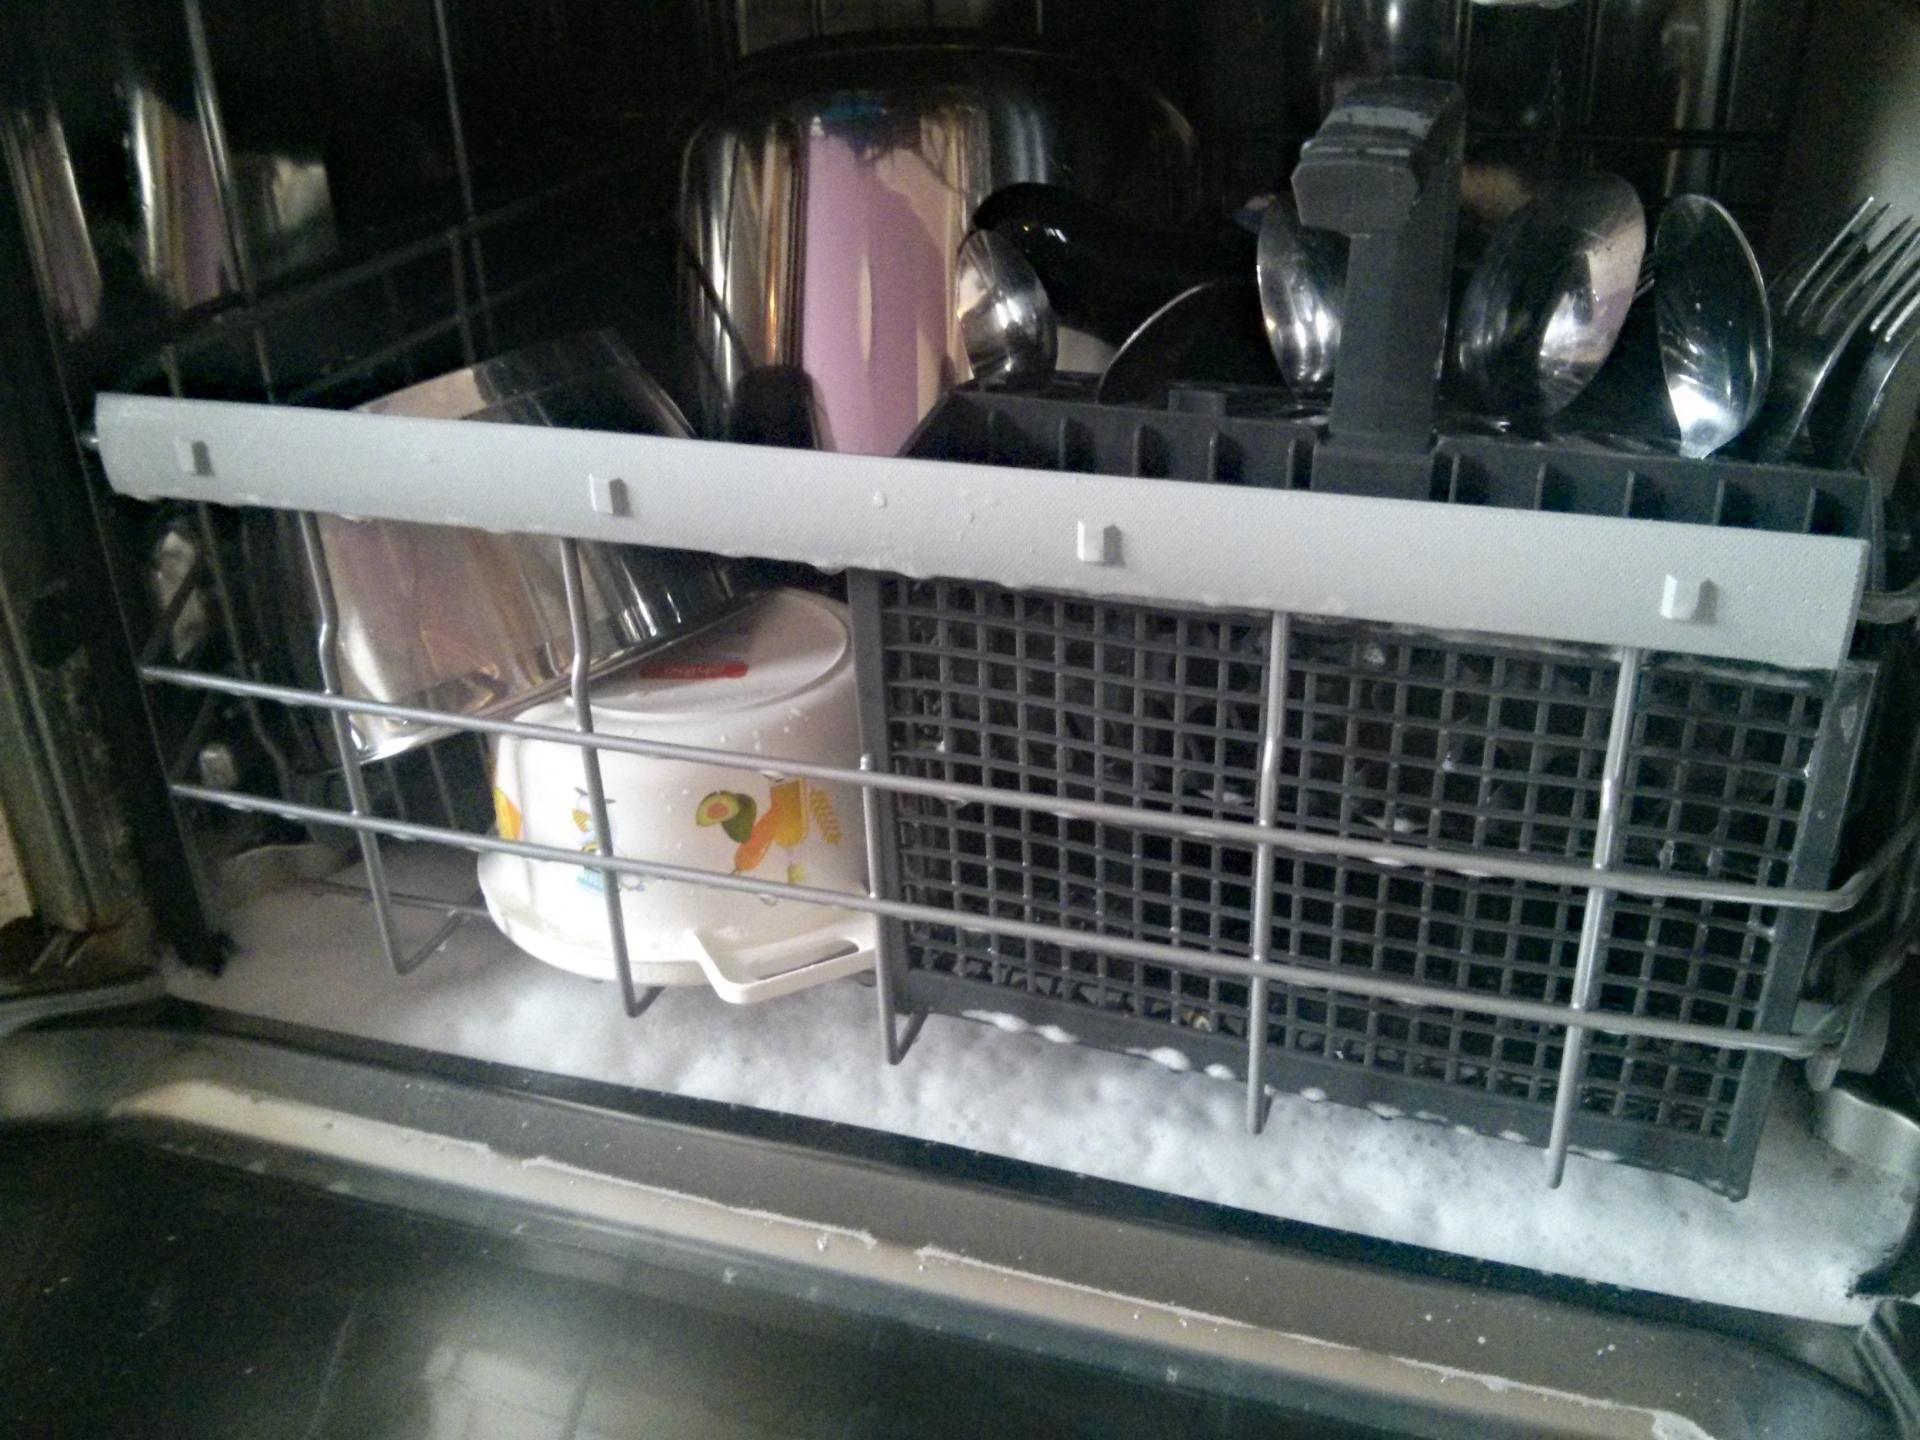 DIY порошок для посудомойки: как не растворить посуду и не повторить моих ошибок. Год экспериментов - 1